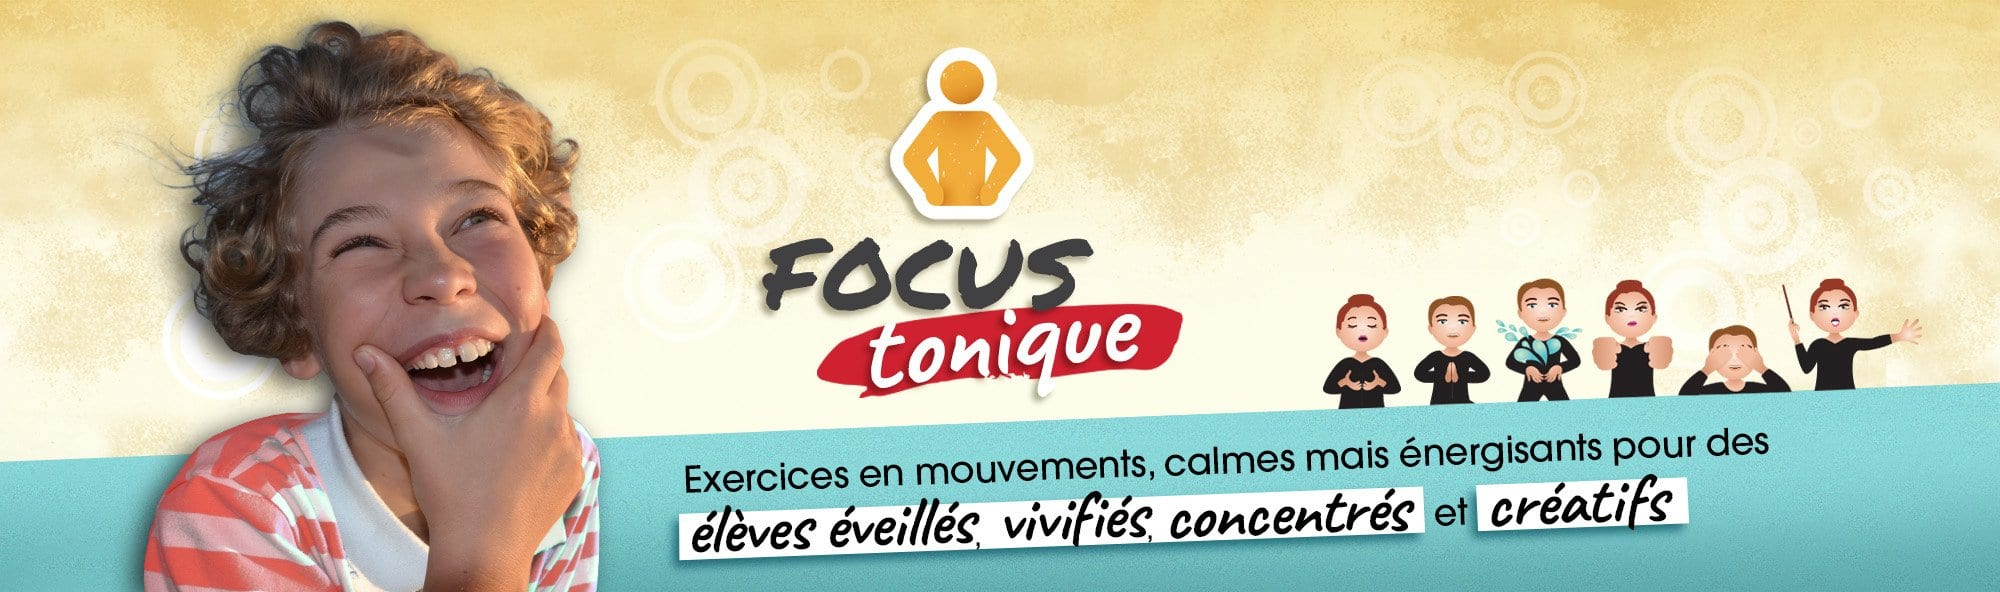 Focus Tonique